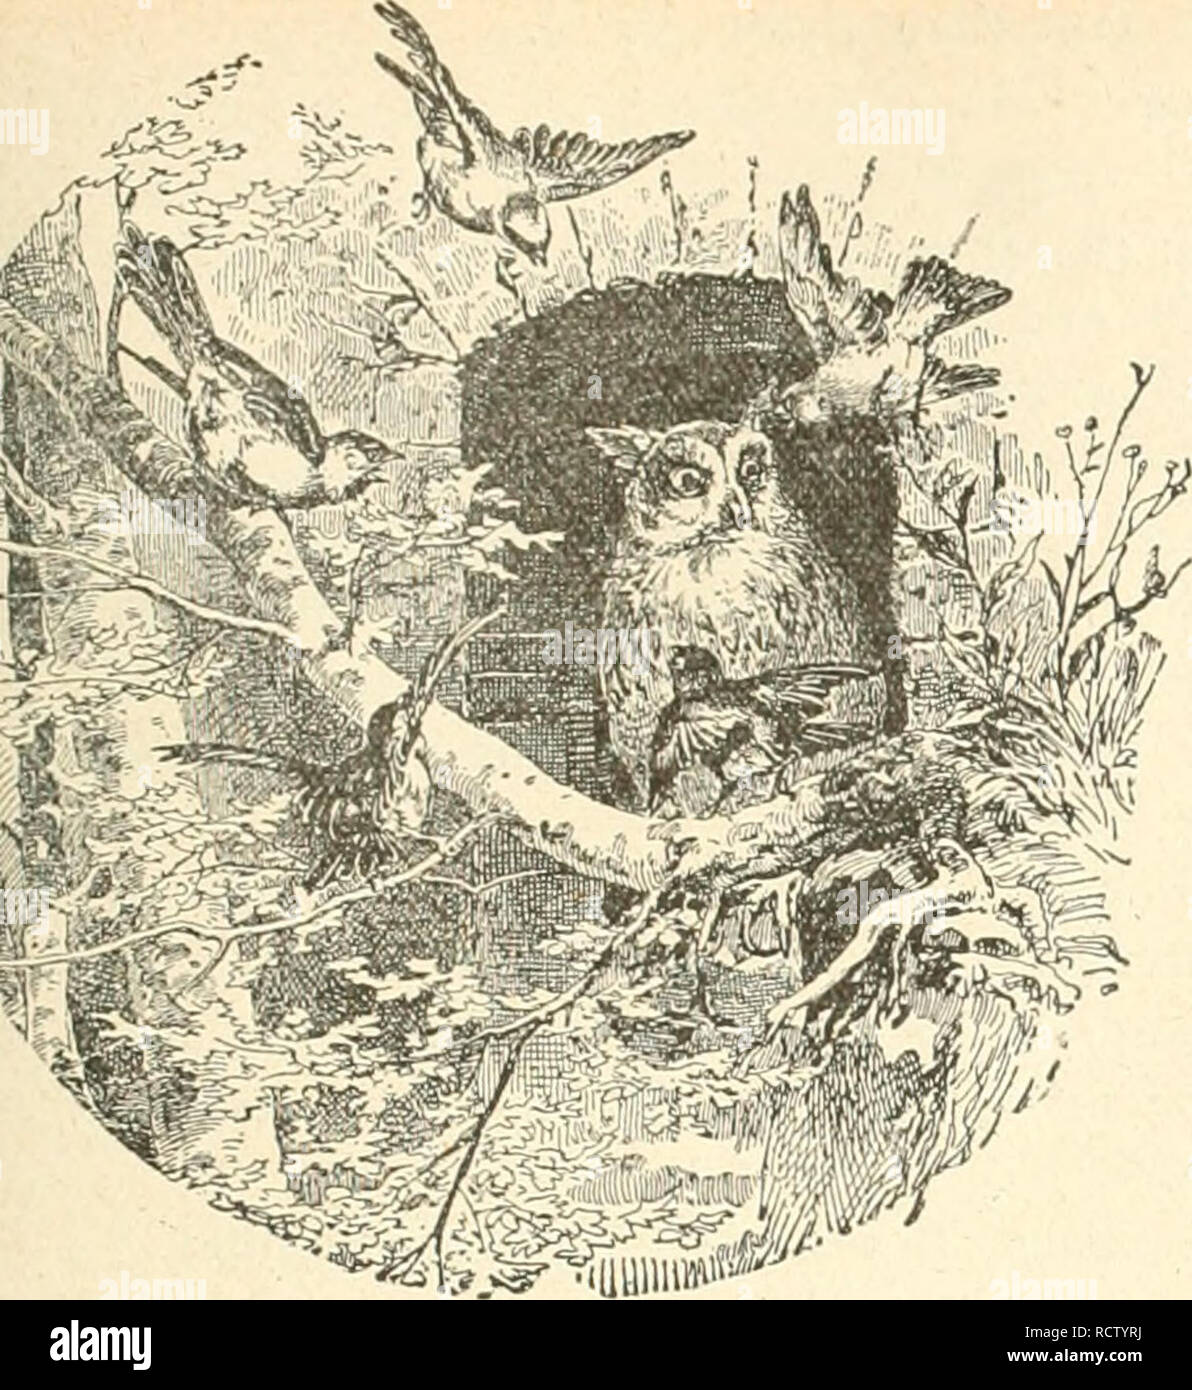 """. Der Ornithologische Beobachter. Birds; Birds. Keft 26. 36. Jnnl 1902. Jahrgang I.. mv j_ (grnitl^ülügis^l^e Ãeoba elfter. -""""^^J Woclienschrift für Yogellietihaber und Vogelschutz. â ^â ^ ' Herausgegeben von C. DAUT in Bern (Scliweiz). 000 Erscheint jeden Donnerstag. (Xai-hdruck imr nid (JuvlIciwiHiuhe mal EiiitciirKjuiKj der Auloroi yeslallel.) ^ Die Ammer. Ich fuhr durch mecklenburgisch Land, Durch Frühlingsgrün imd Sonnenbrand. Vom gelben Iiaj)s quoll schwüler Duft, Mit heissem Flimmern stand die Luft. Ich dachte das, ich träumte dies â Der Frühling ging mich an so süss. Ein  - Stock Image"""